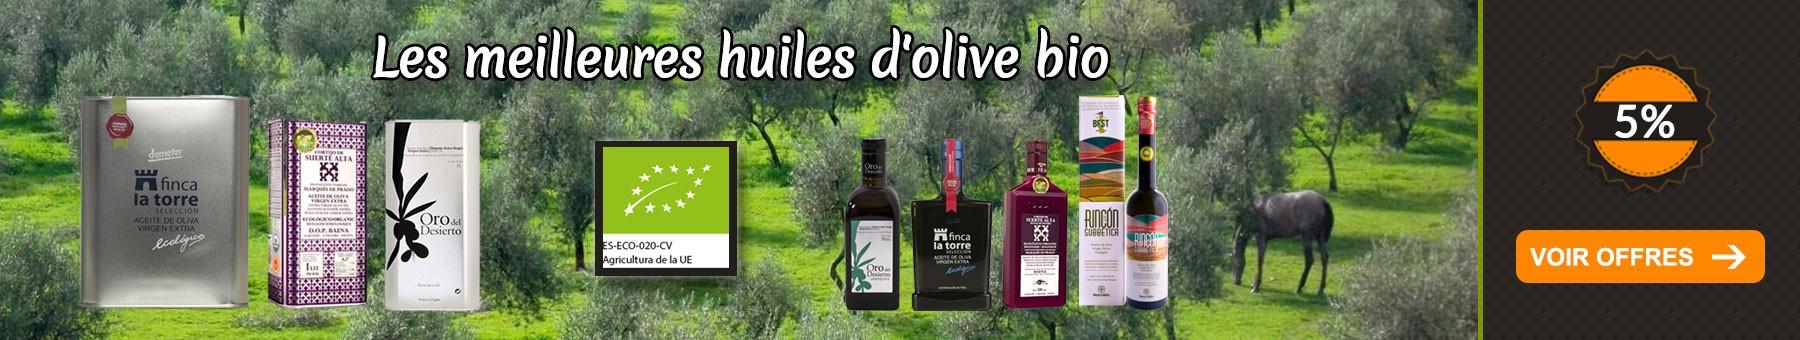 5% de réduction sur les huiles d'olive bio